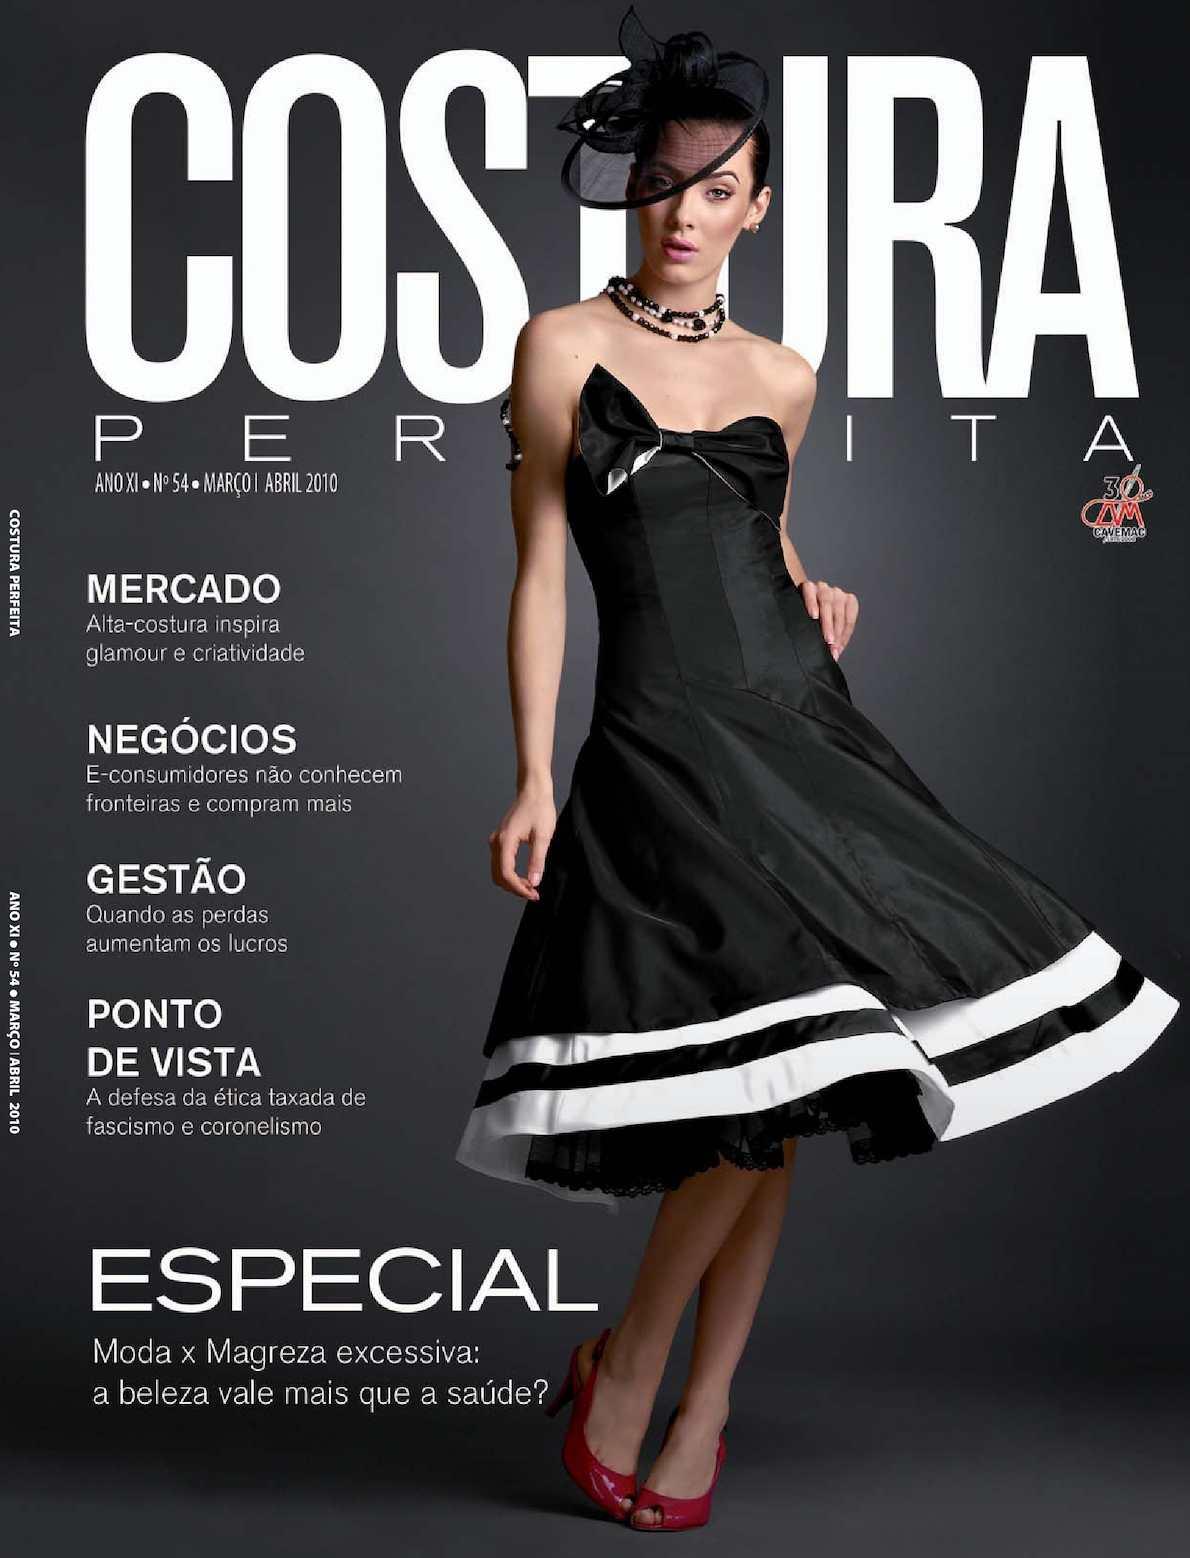 73da0b7ad Calaméo - Revista Costura Perfeita Edição Ano XI - N54 - Março-Abril 2010